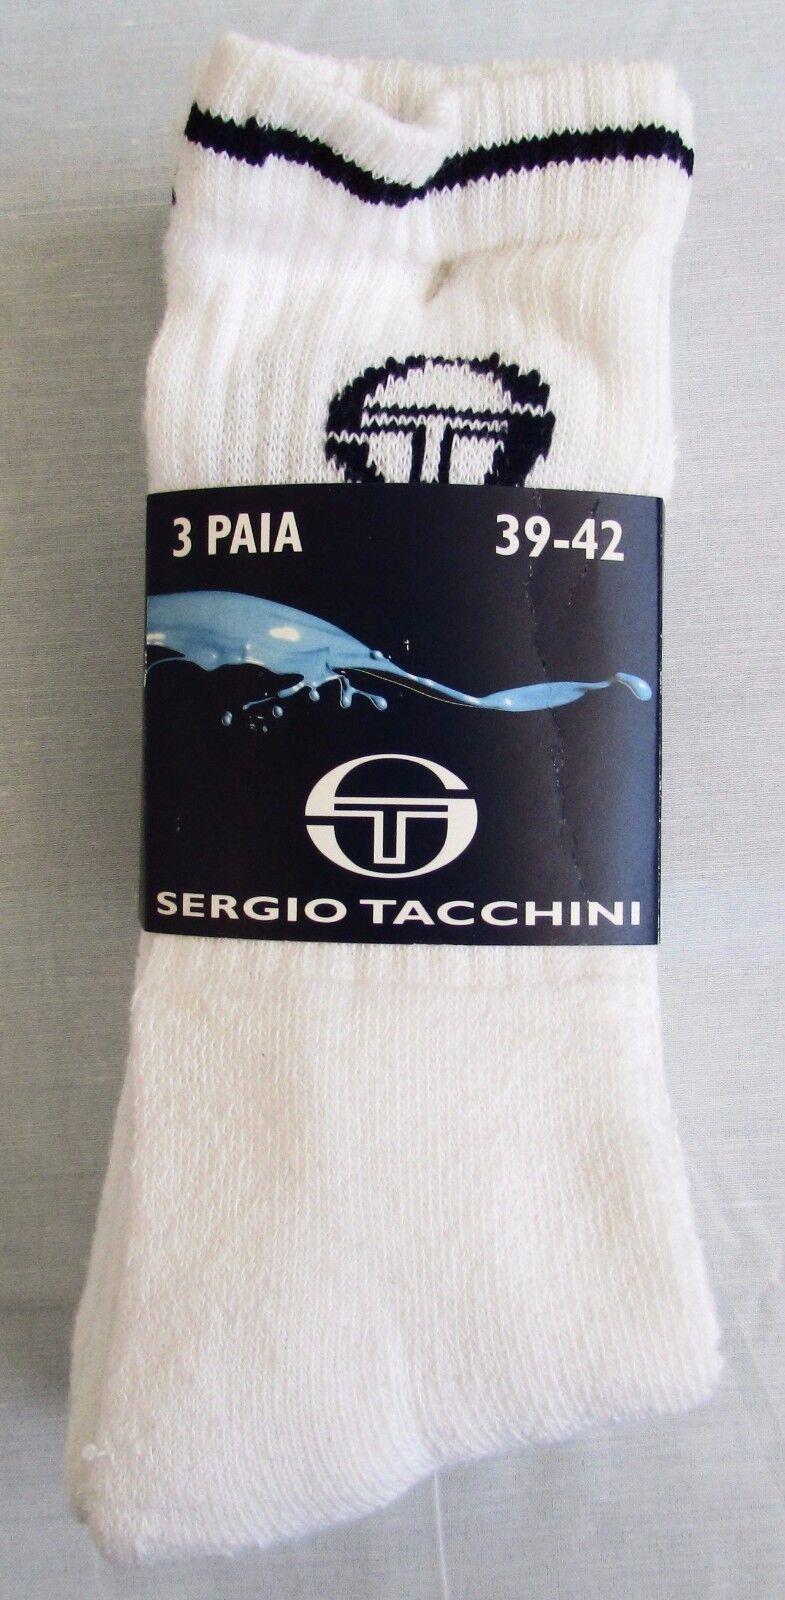 Calzini Sergio TACCHINI da tennis in spugna cotone donna / uomo 3 per pack